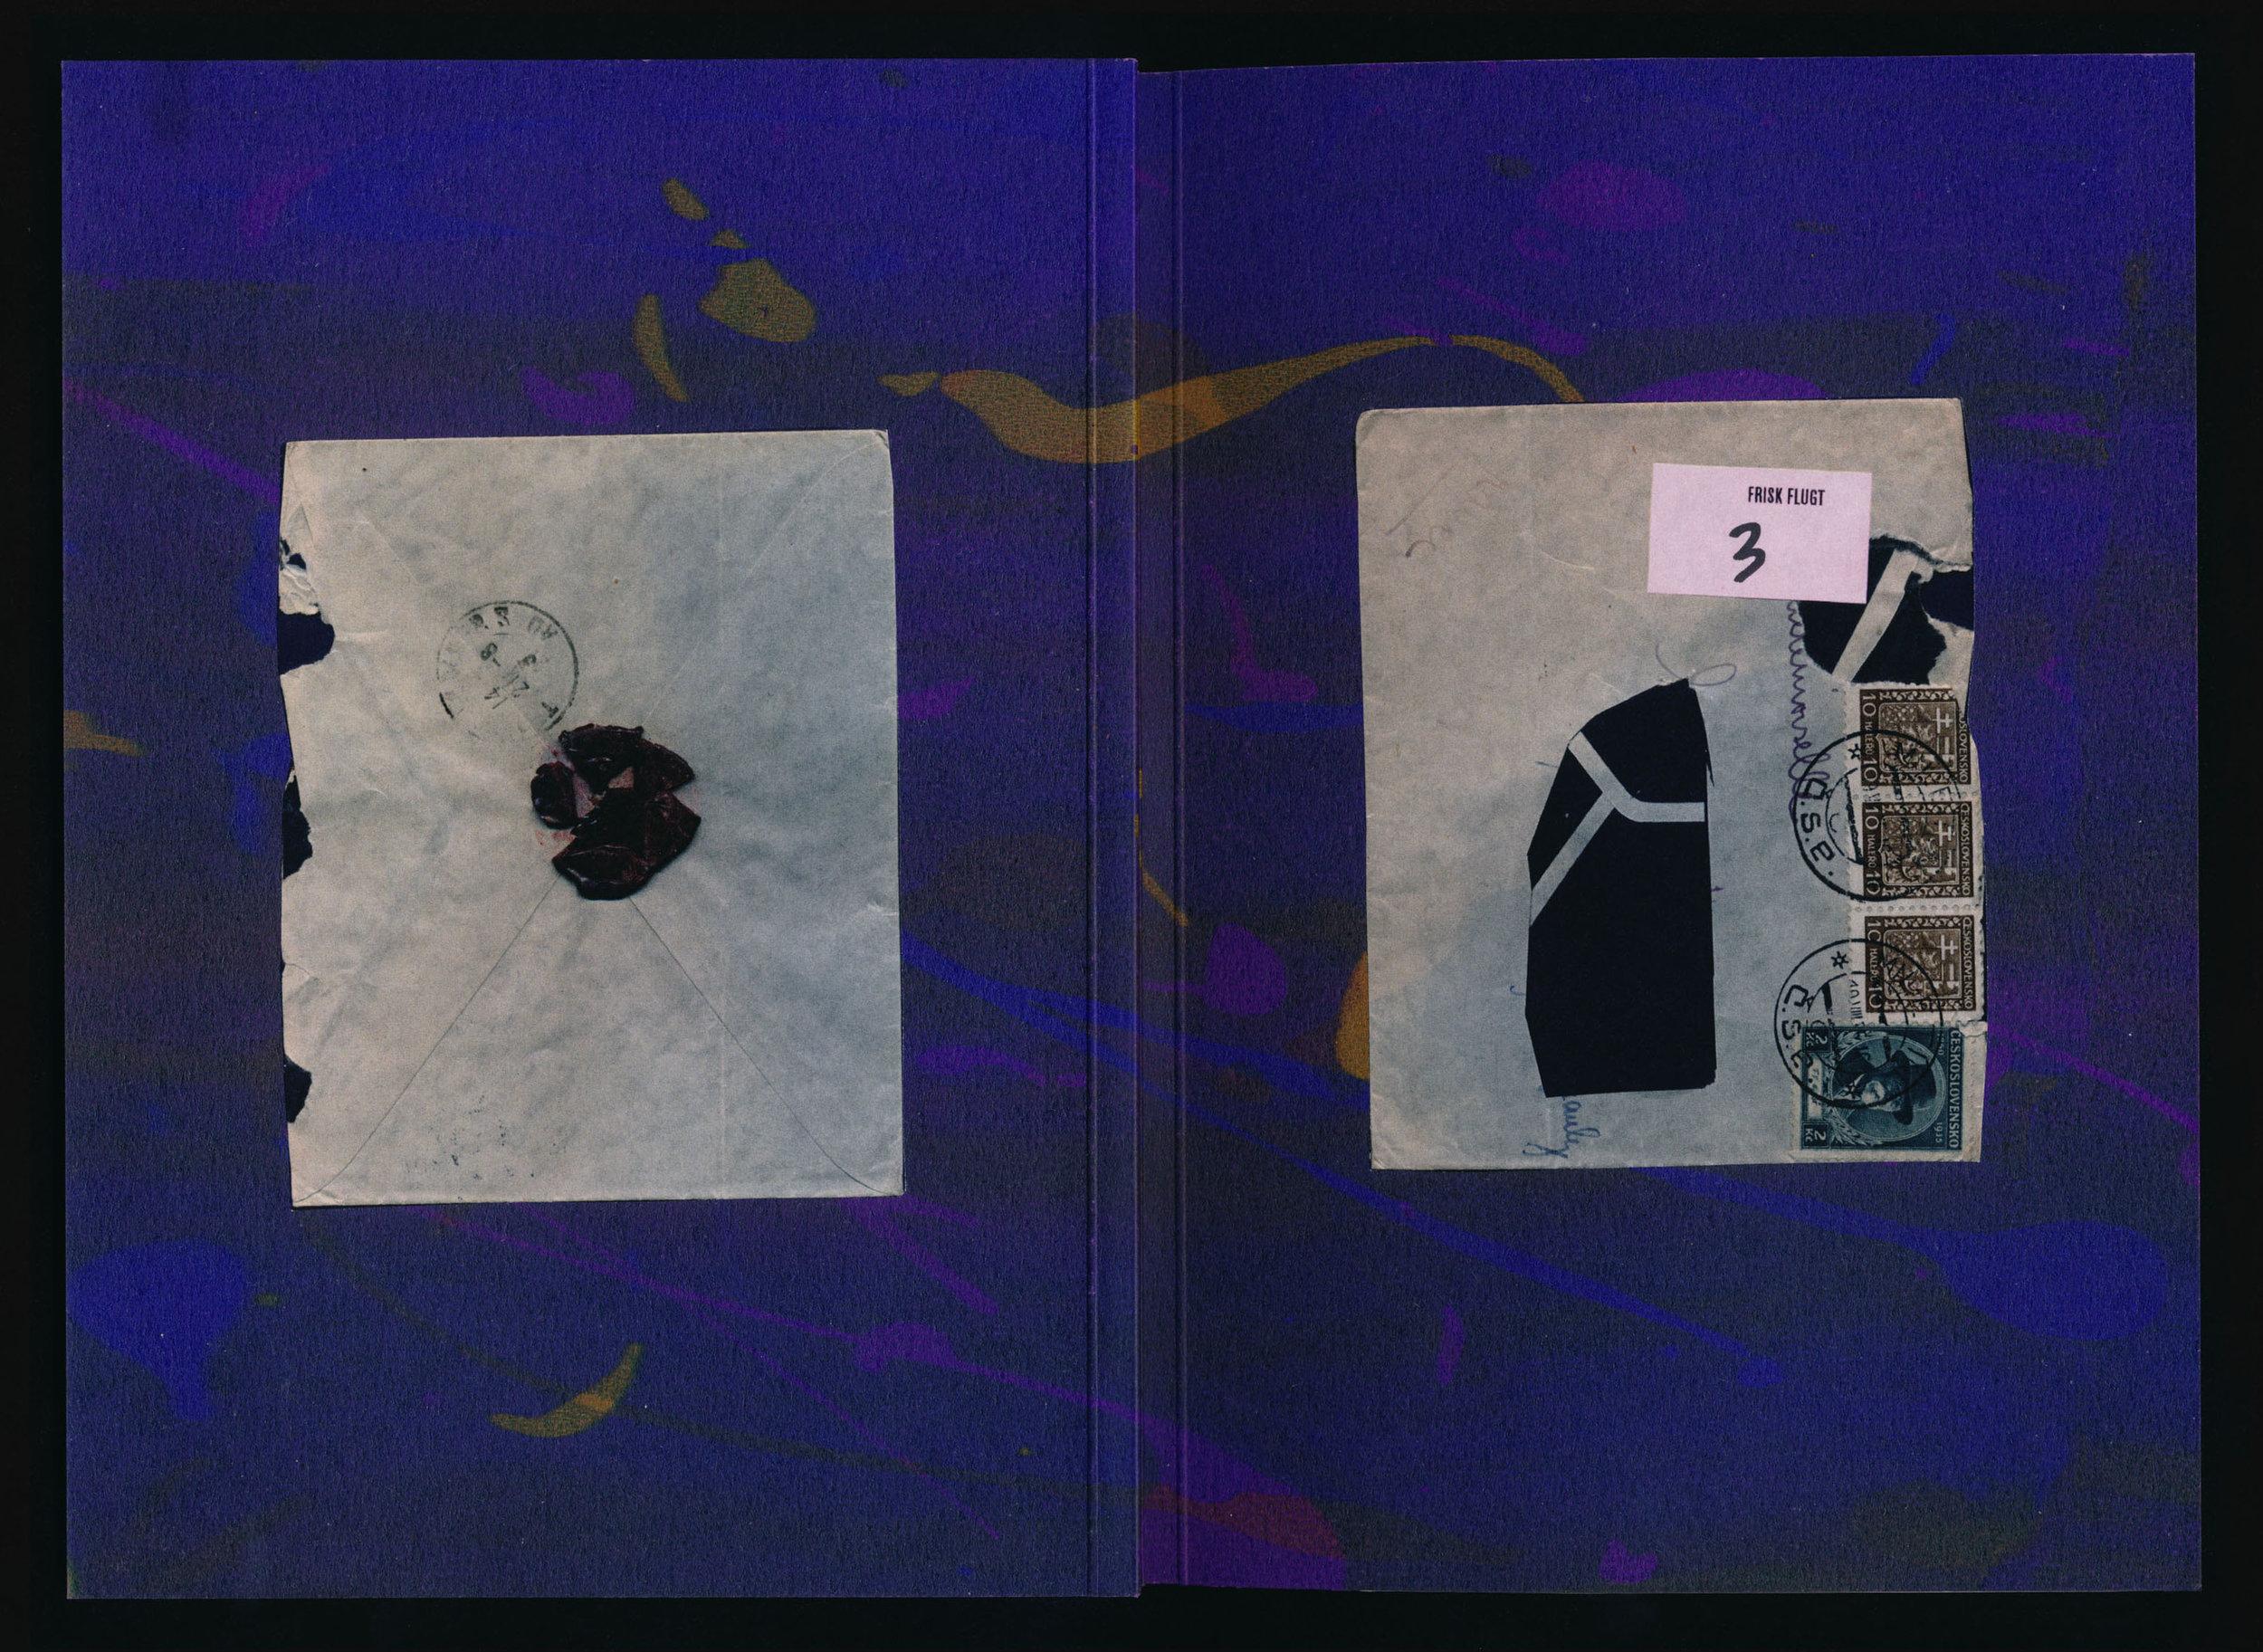 Frisk Flugt - Growing Silent. Publication (52 pages), 2015